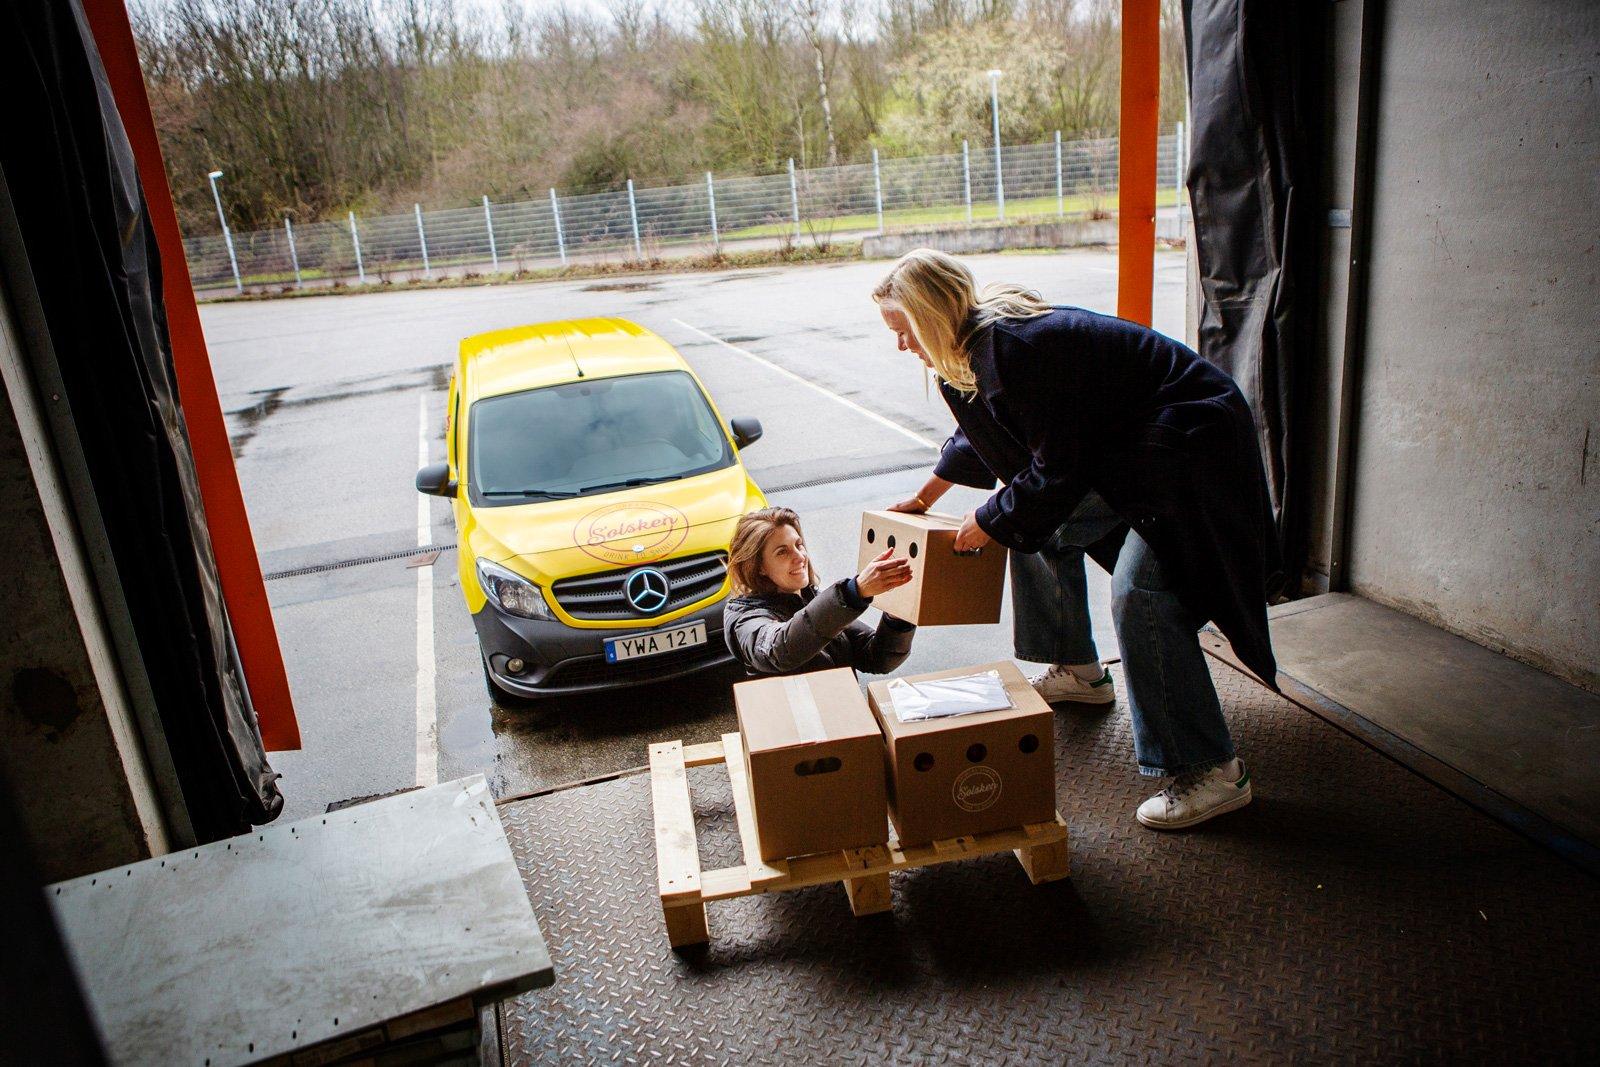 Bästa vännerna Viveca Wahlfrid och Anni Jungberg driver dryckesföretaget Solsken och packar lådor från lastkajen i Malmö.